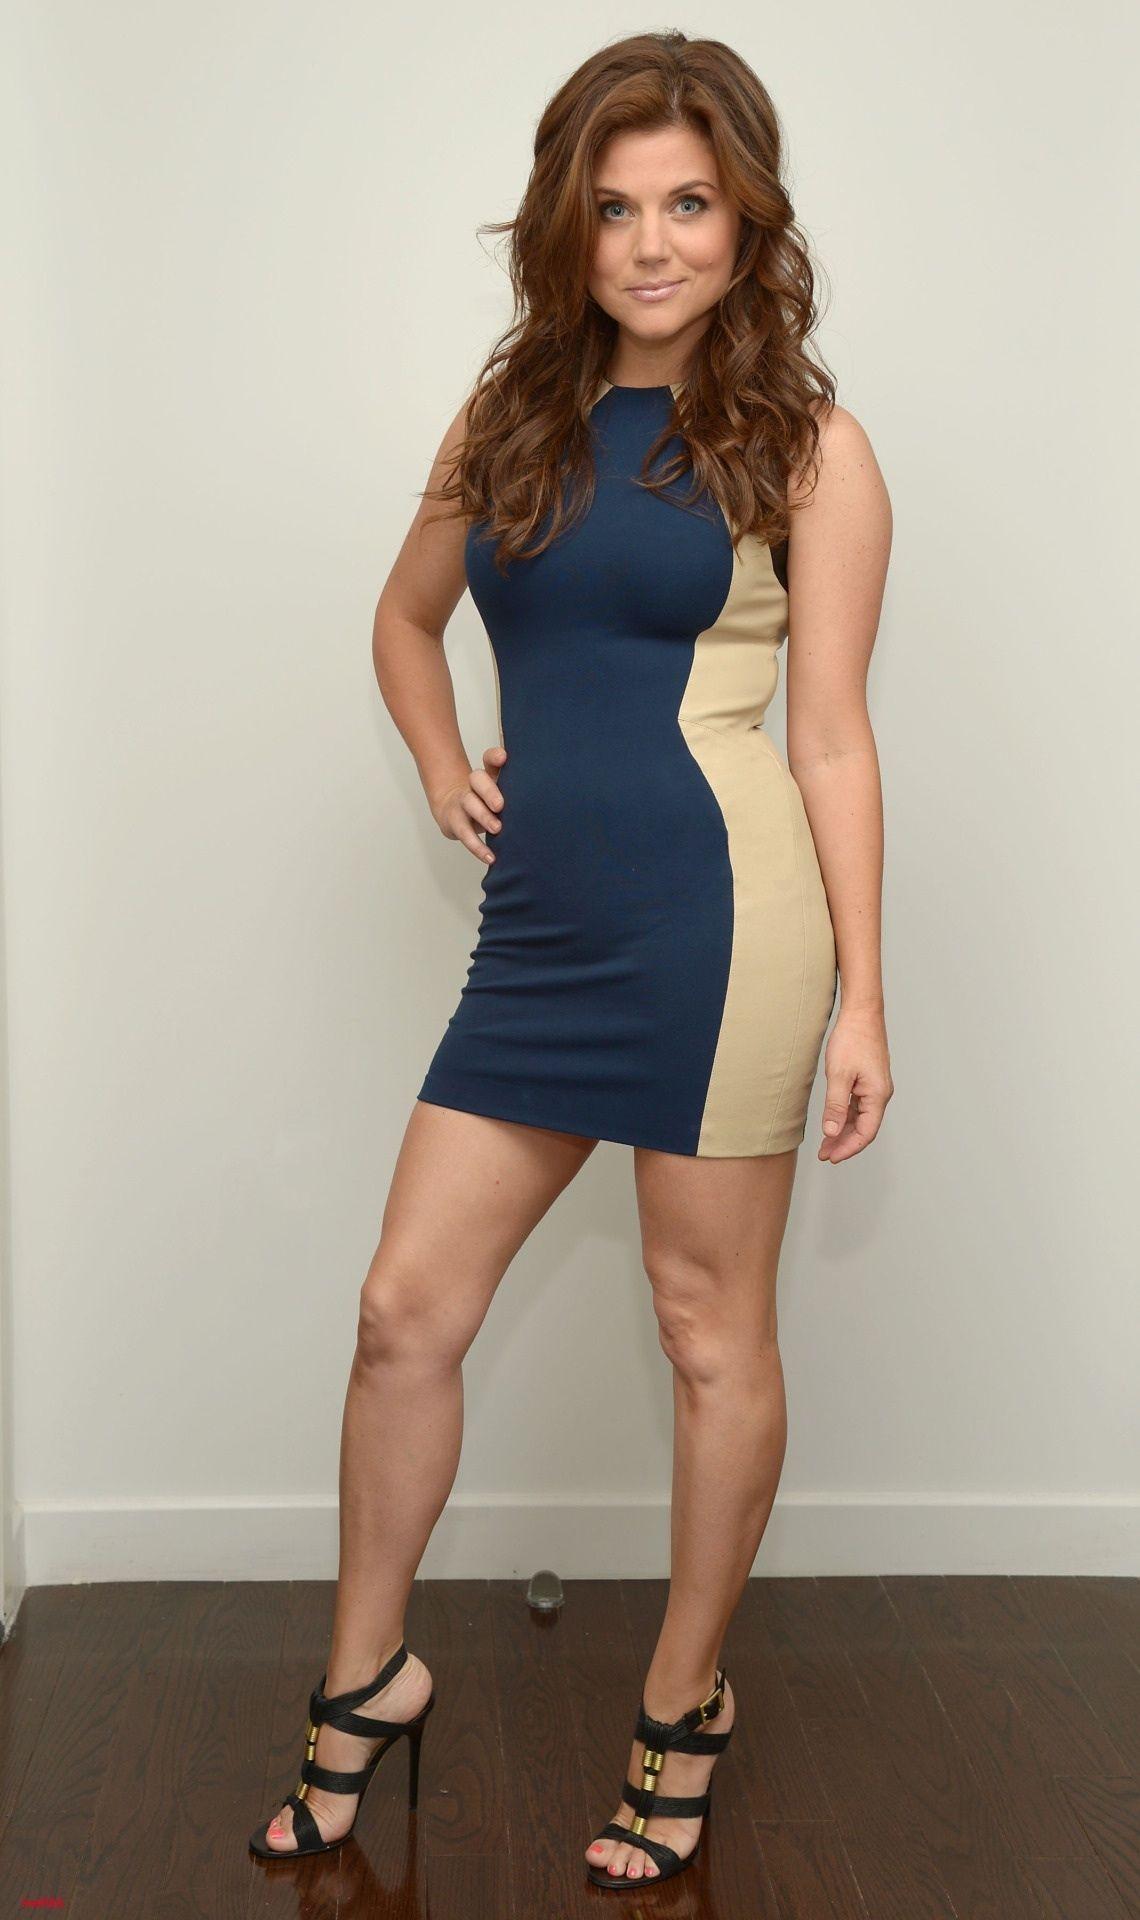 Kelly Kapowski (aka Tiffani Amber Thiessen)   Saved by the